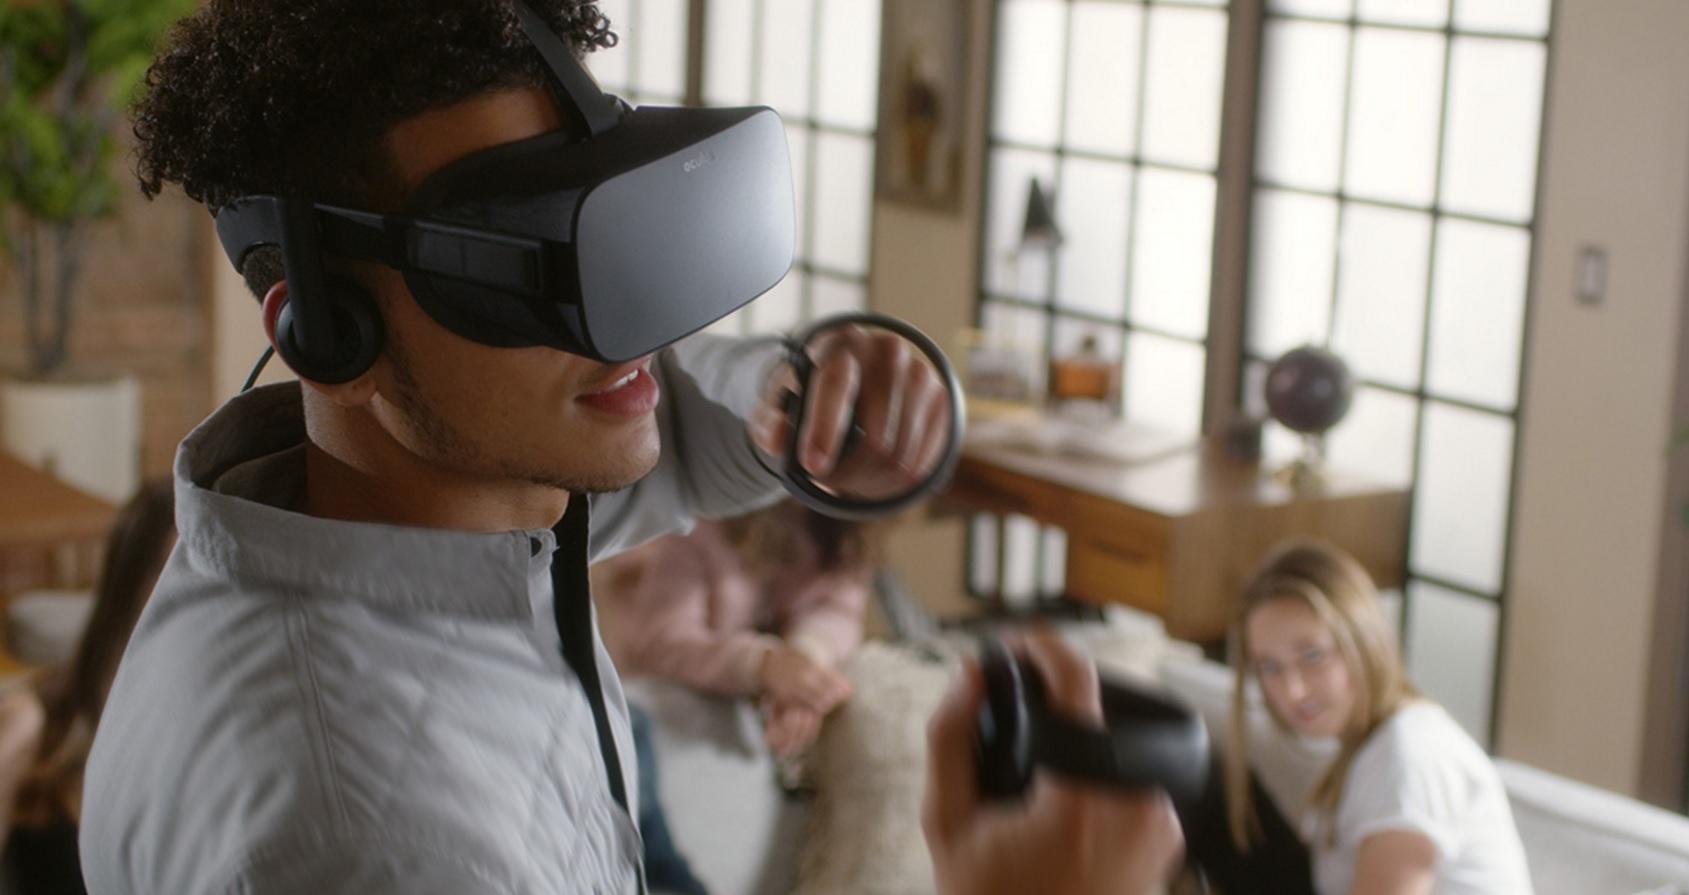 Oculus må på banen ASAP slik at man igjen kan spille i VR. Årsaken er et sertifikat de har glemt å fornye. Det eneste som skal til er en liten oppdatering.